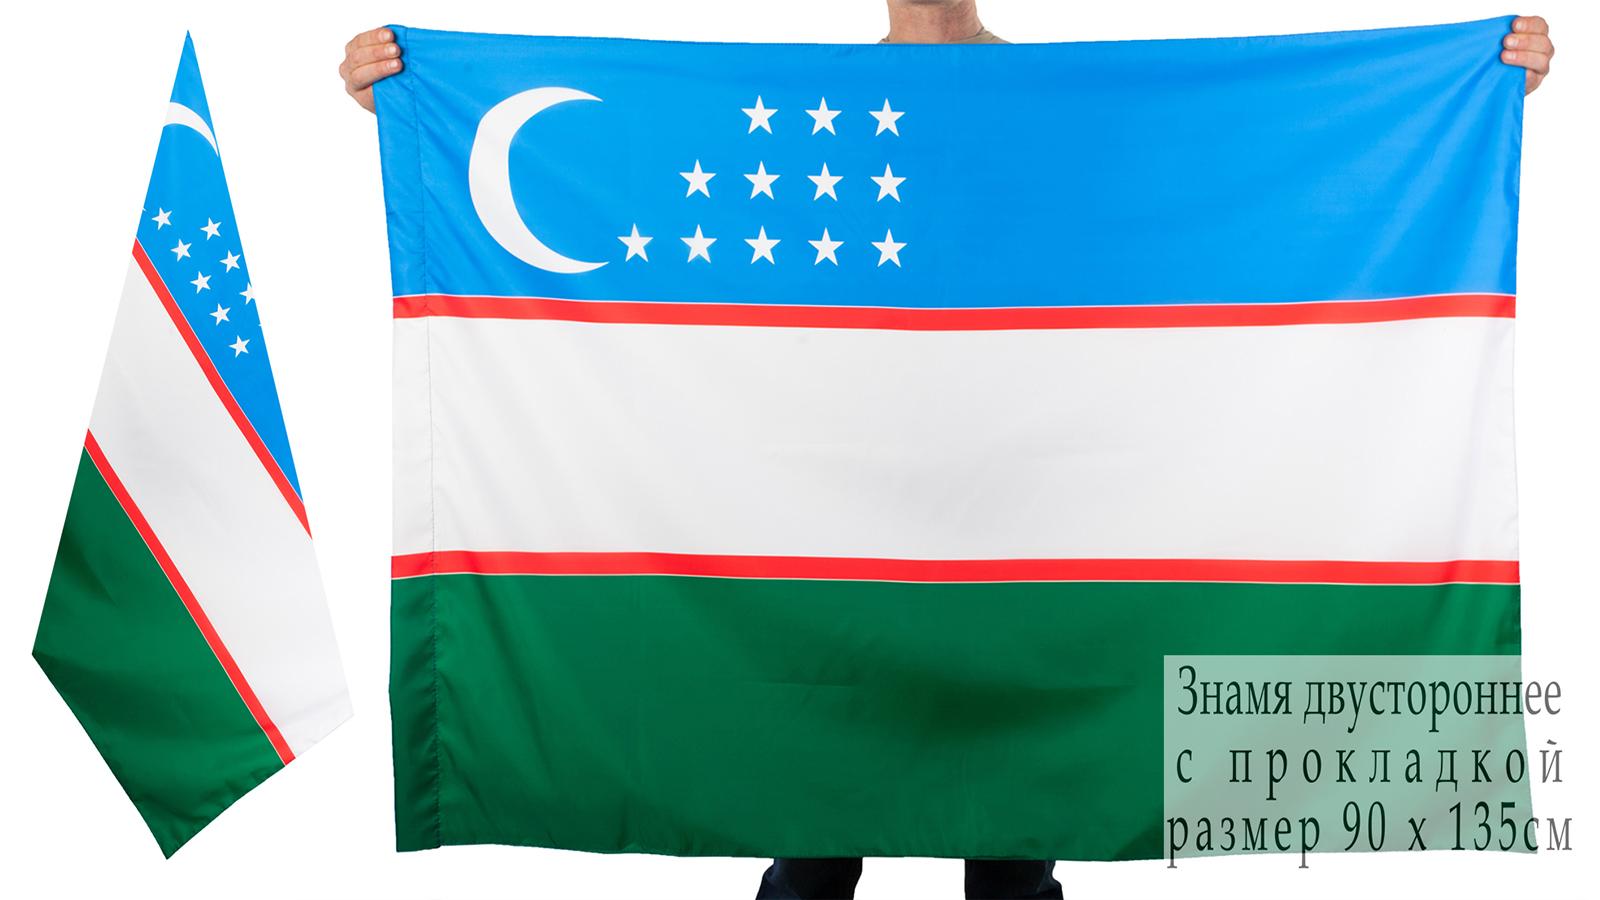 Двухсторонний флаг Узбекистана